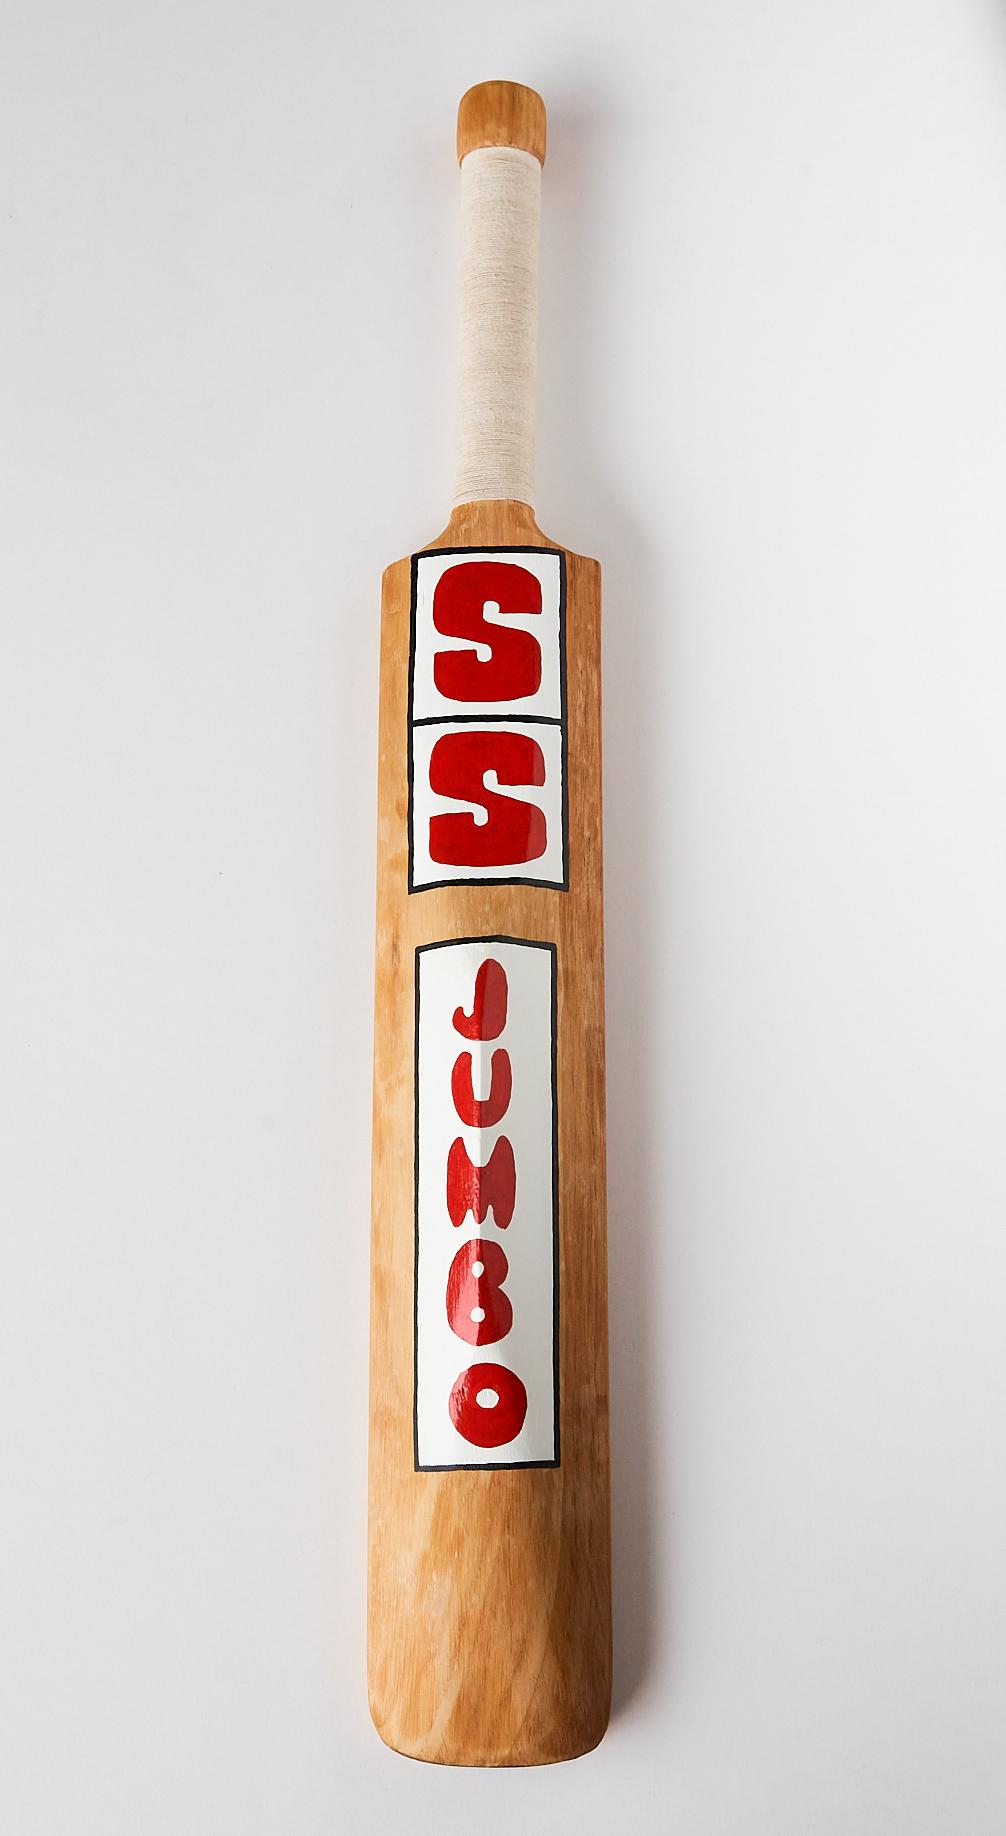 SS Jumbo